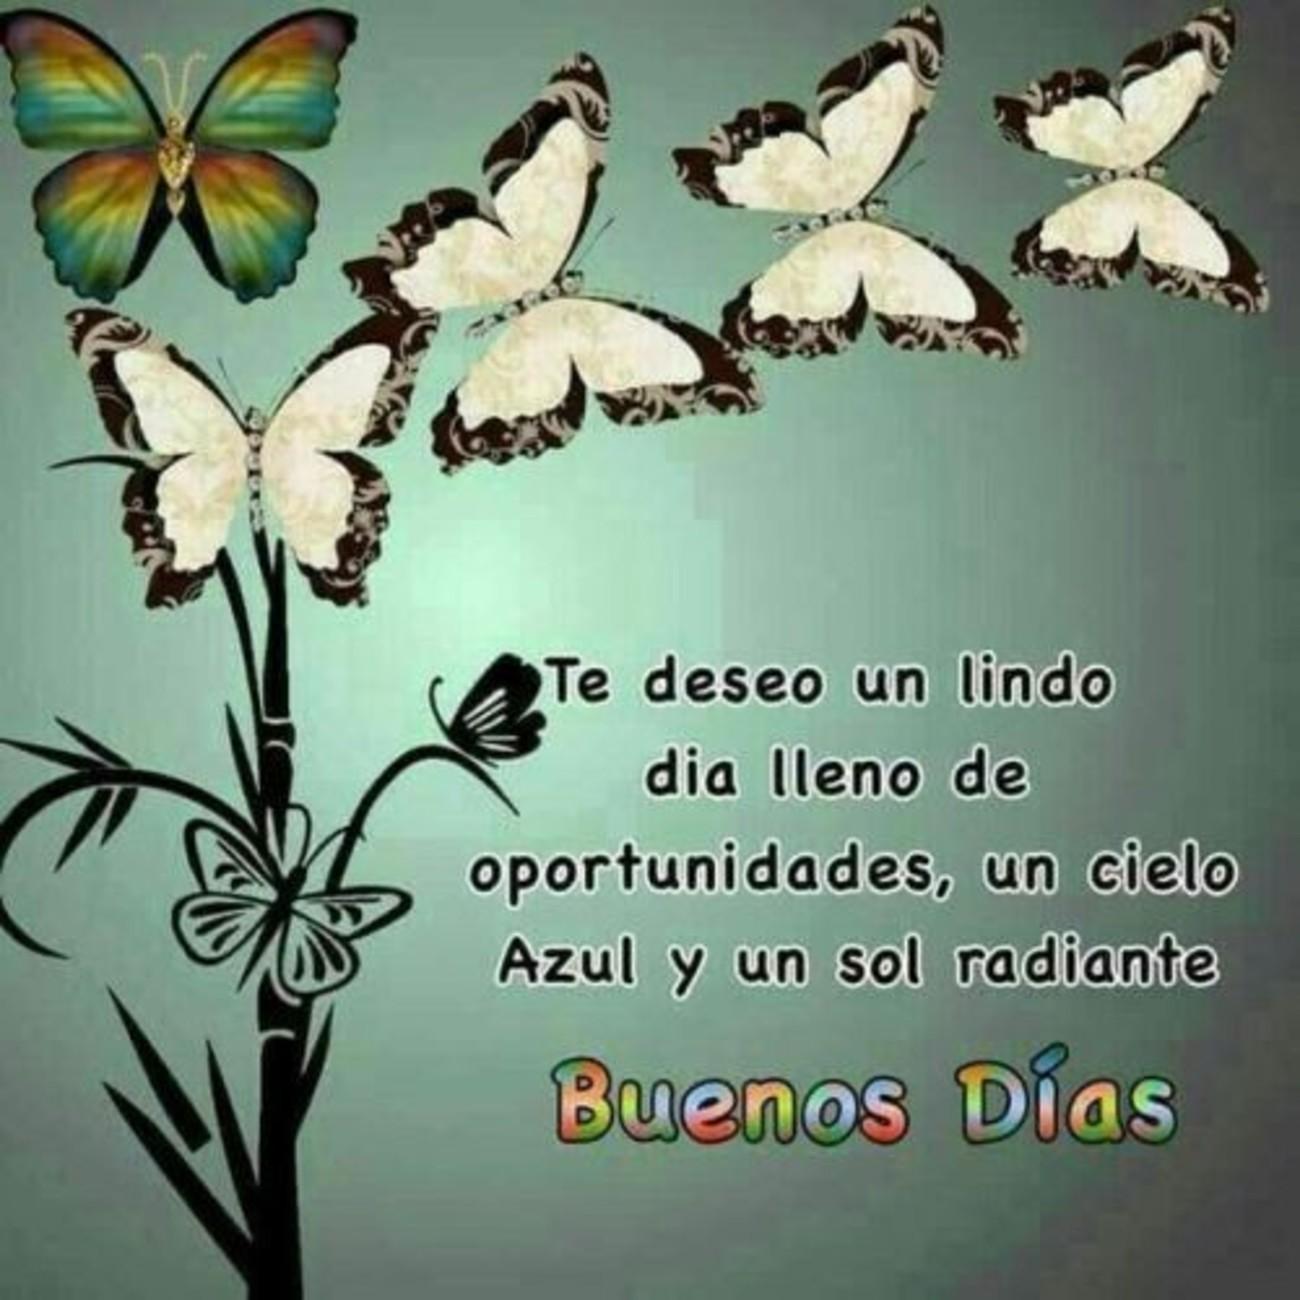 Buenos Días Imágenes Con Mariposas Bonitasimagenesnet